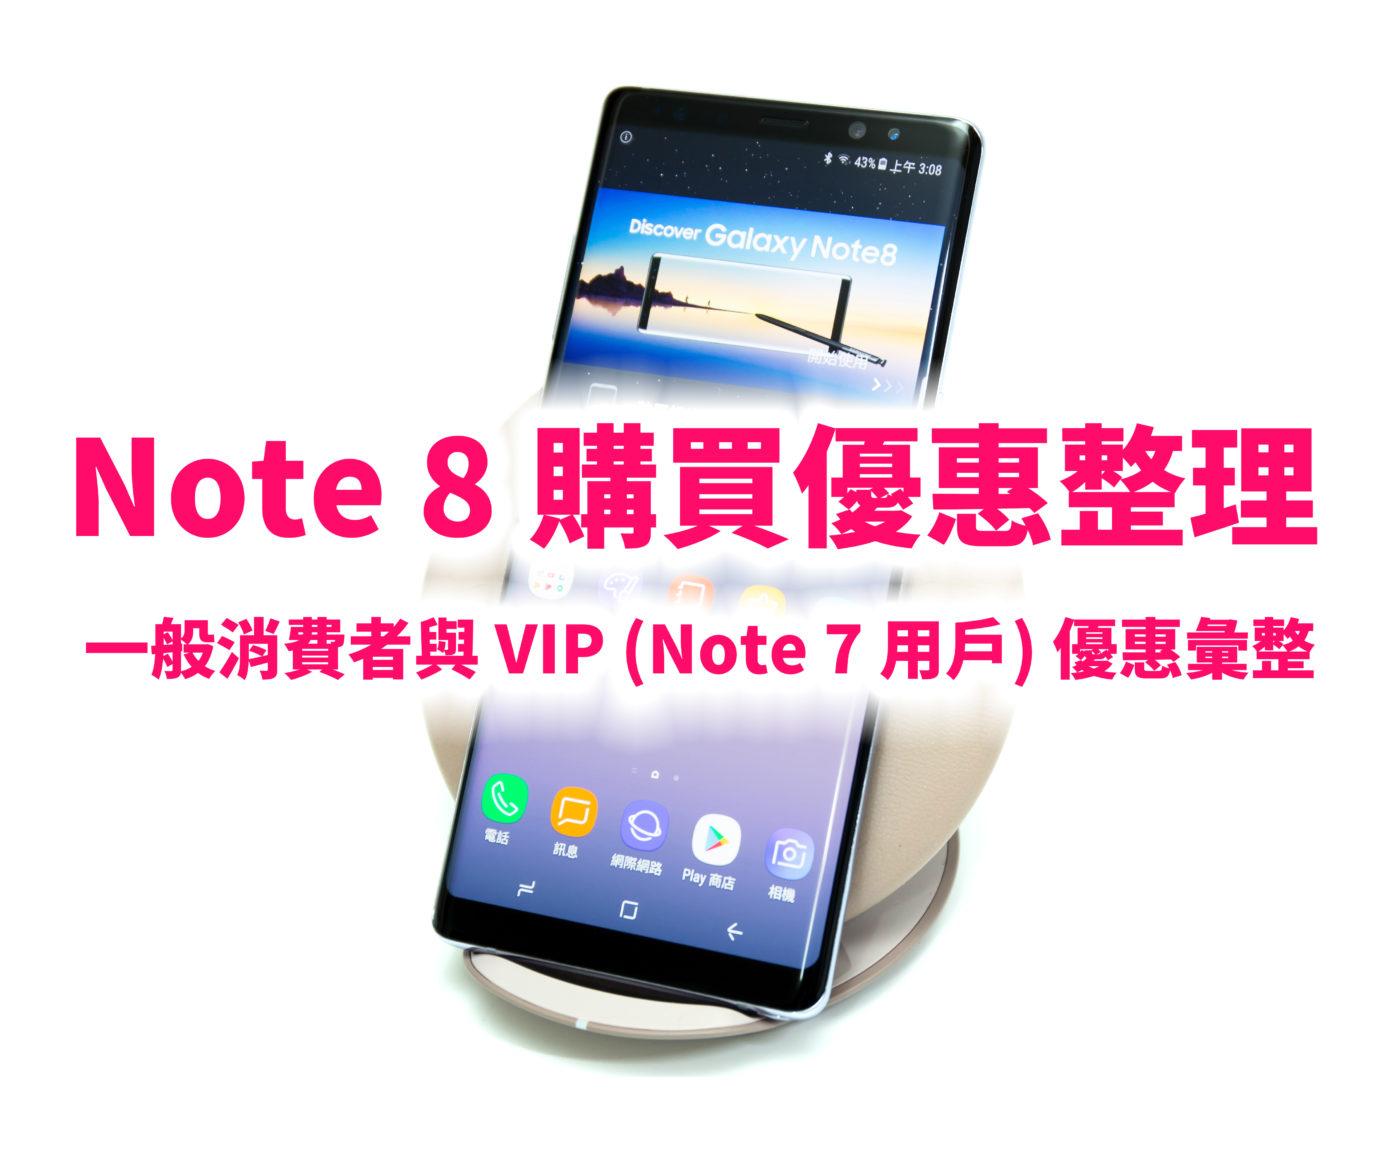 Note 8 購買優惠懶人包整理 – 一般消費者與 VIP (Note 7 用戶) 優惠彙整 @3C 達人廖阿輝